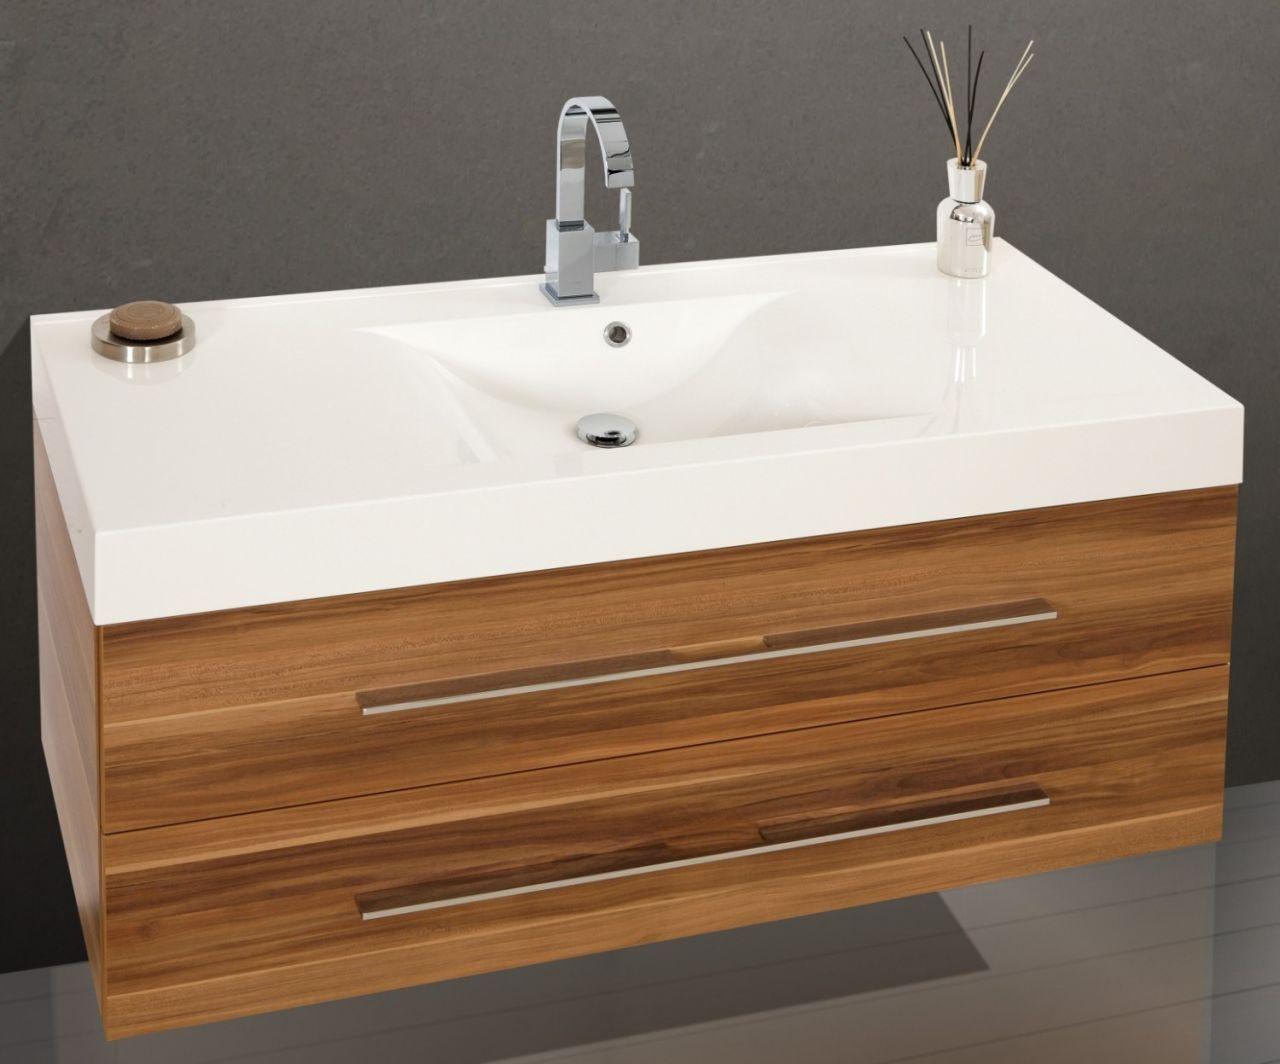 design badm bel set waschtisch 120 cm lichtspiegel nussbaum nussbaum b gelgrif ebay. Black Bedroom Furniture Sets. Home Design Ideas